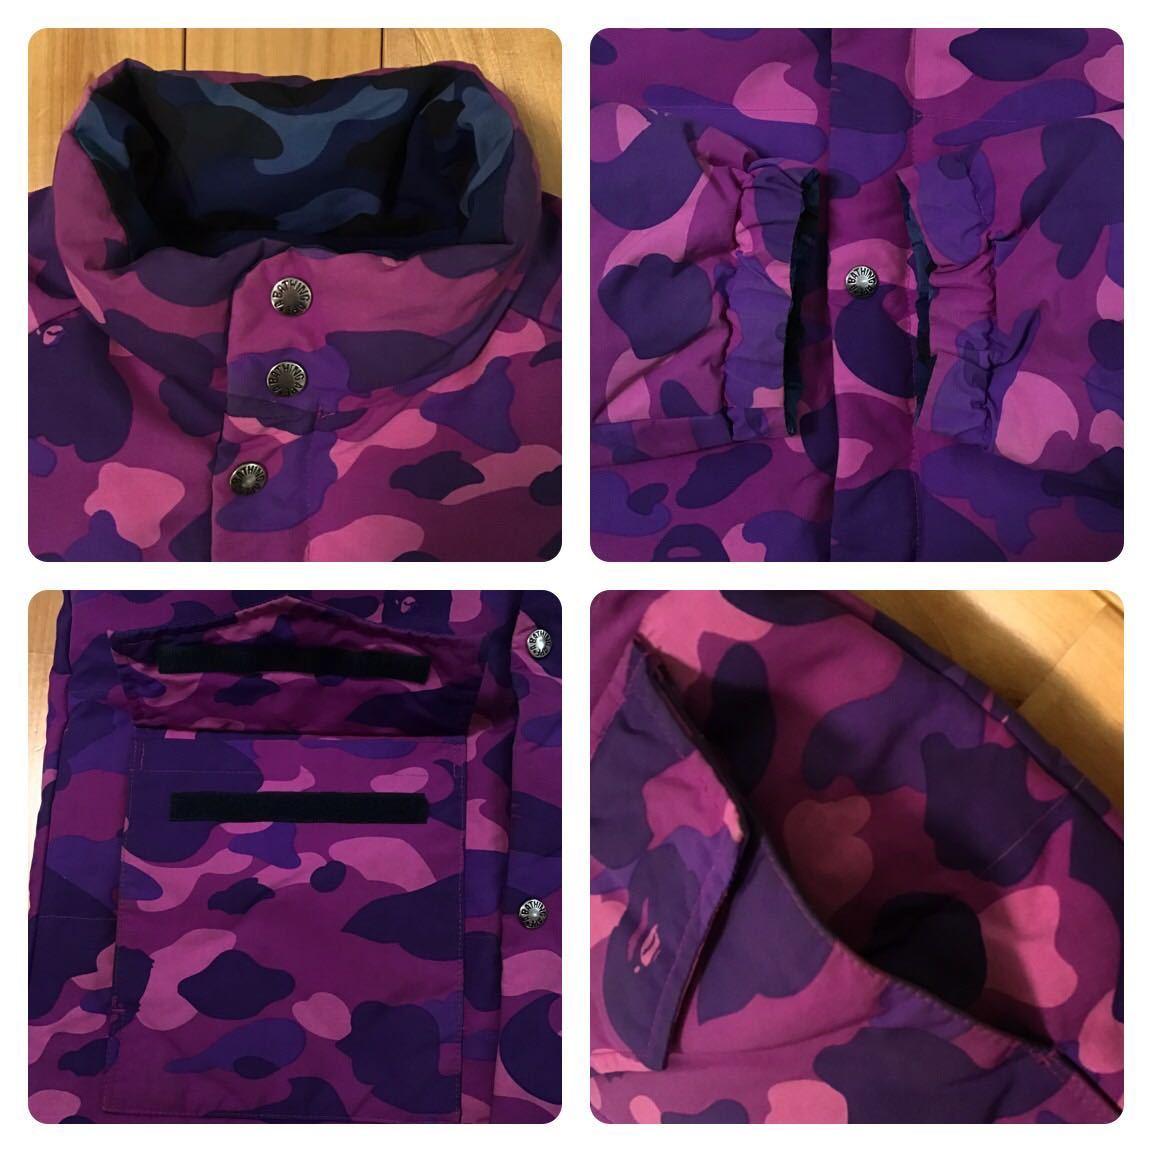 ★リバーシブル★ ダウンジャケット Mサイズ purple camo × blue camo a bathing ape bape エイプ ベイプ reversible down jacket 迷彩